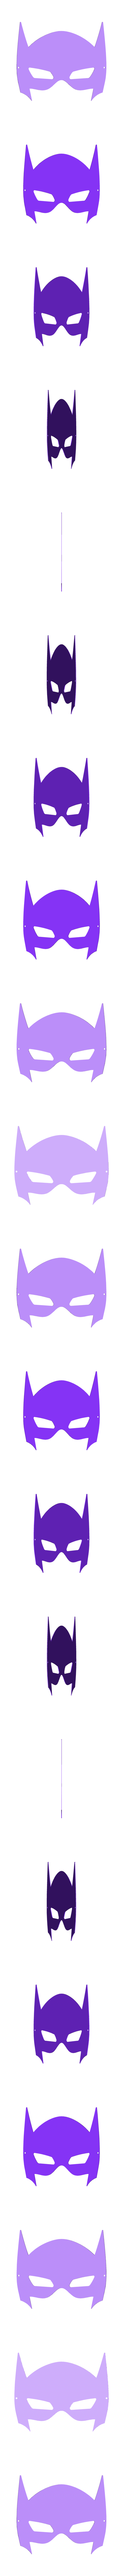 Batman.STL Download STL file Batman mask / Masque Batman • 3D printable template, woody3d974